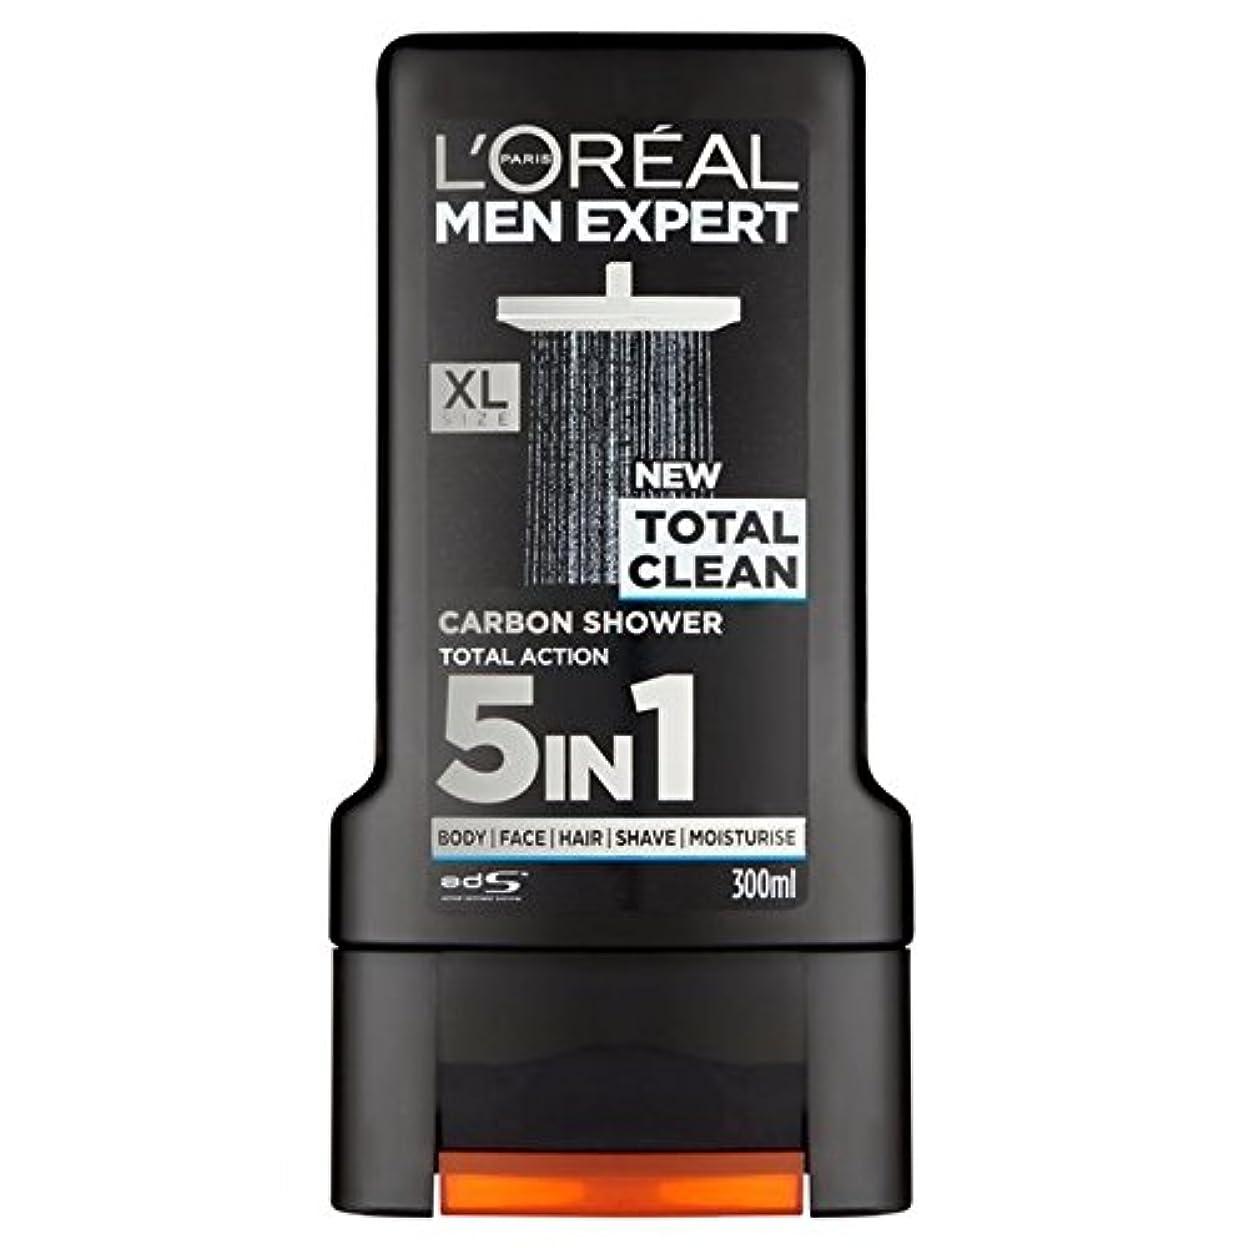 勇敢な増加するリゾートロレアルパリのメンズ専門トータルクリーンシャワージェル300ミリリットル x2 - L'Oreal Paris Men Expert Total Clean Shower Gel 300ml (Pack of 2) [並行輸入品]